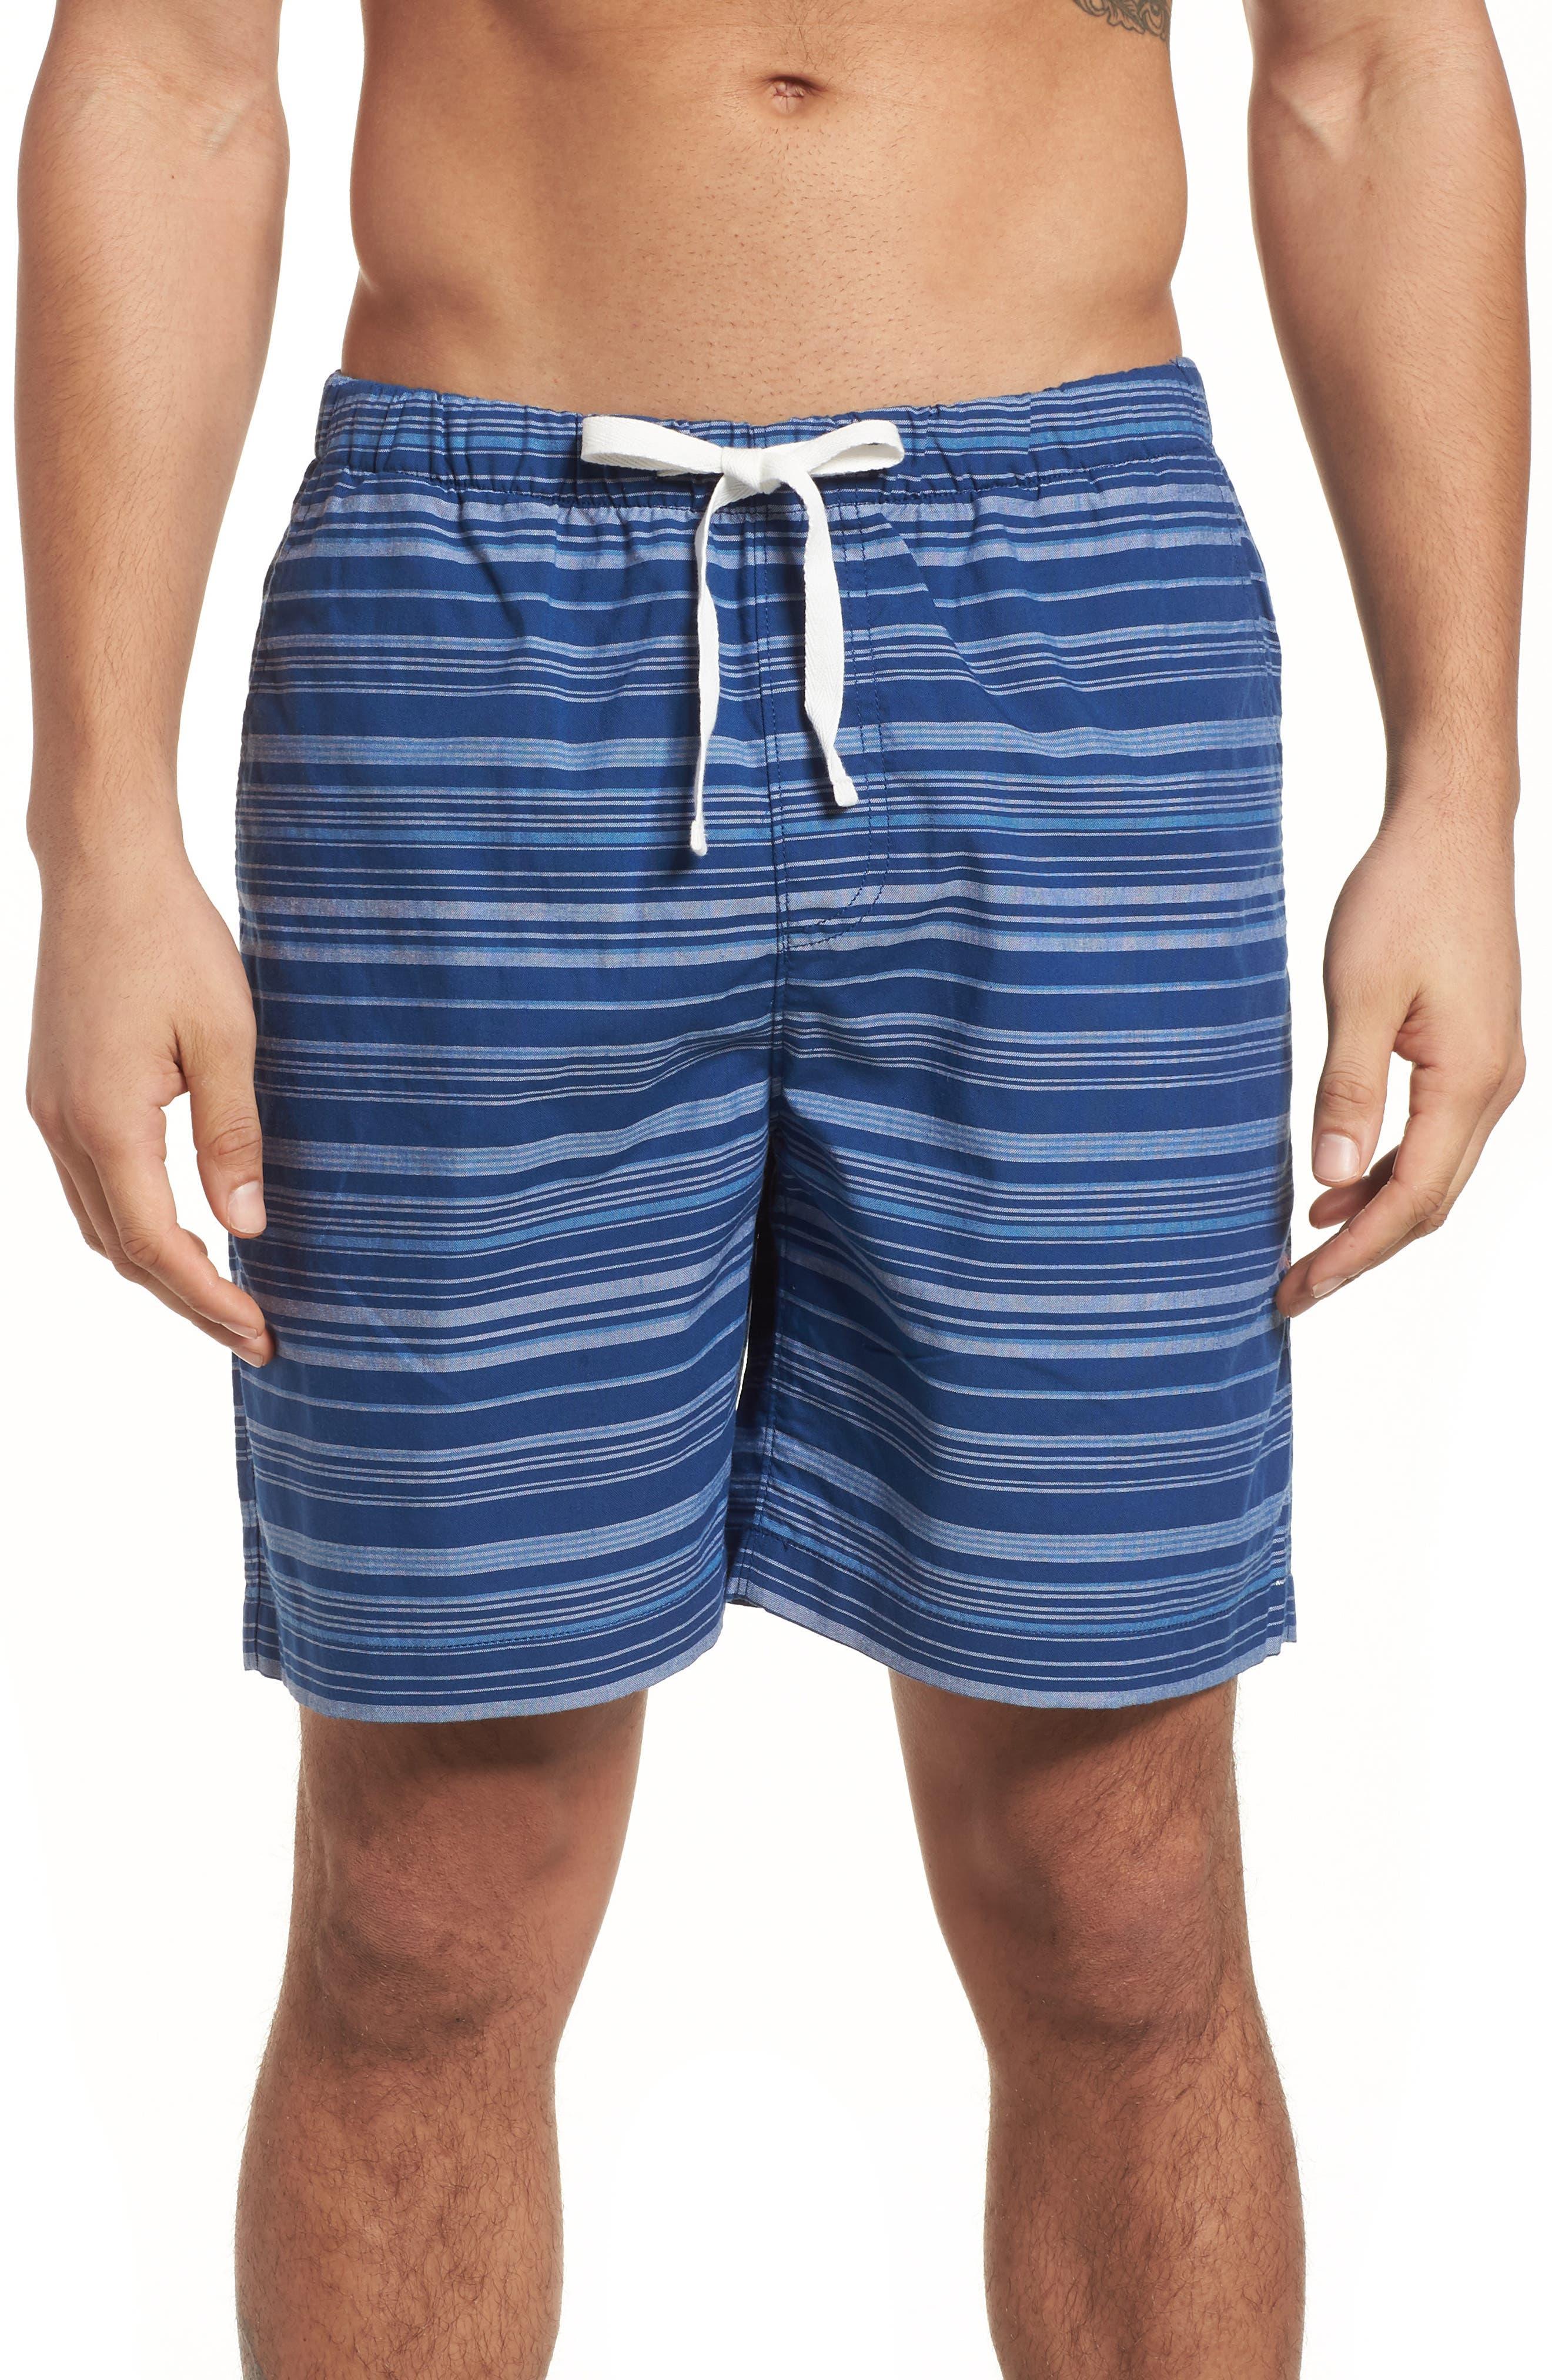 Hammock Board Shorts,                             Main thumbnail 1, color,                             425